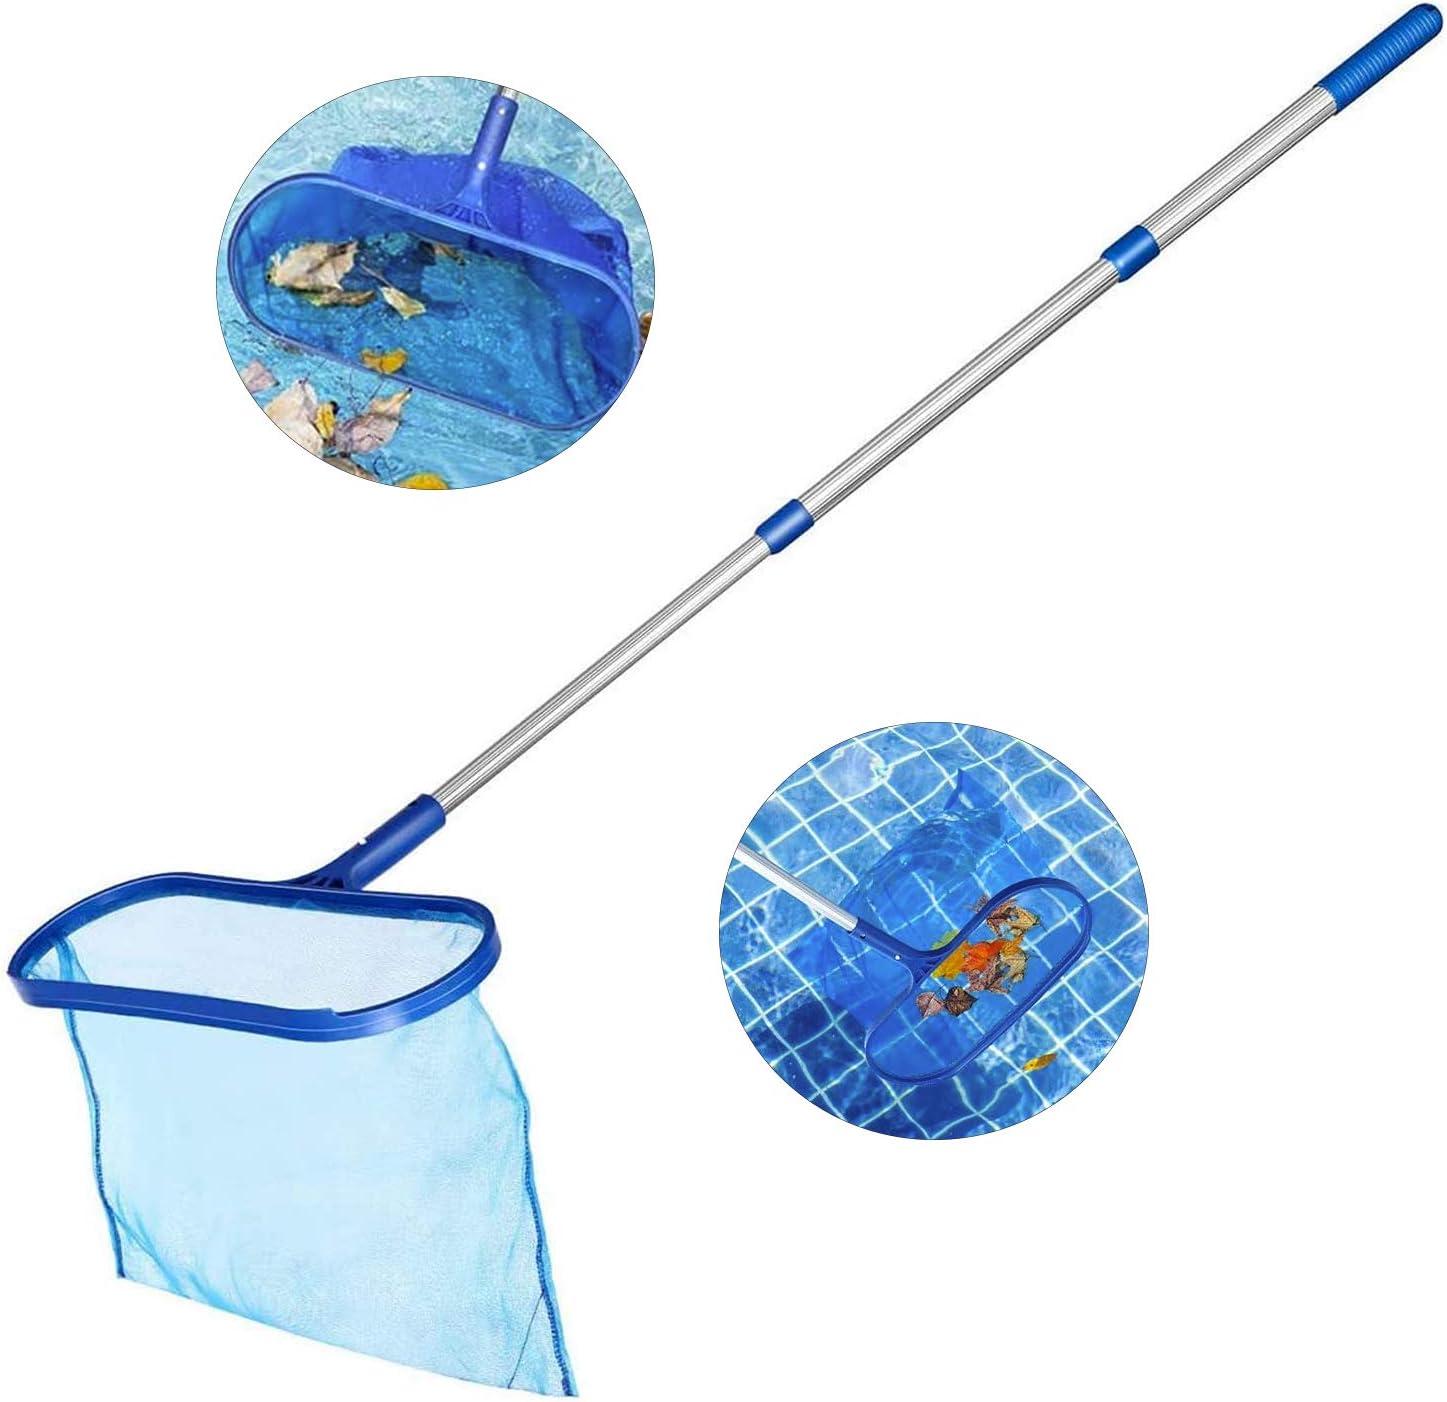 Gxhong Recogehojas de Piscina, Red para Piscinas con Poste de Aluminio de Recogehojas Piscina, Pool Skimmer Net para Recoger Hojas y Suciedad del Fondo